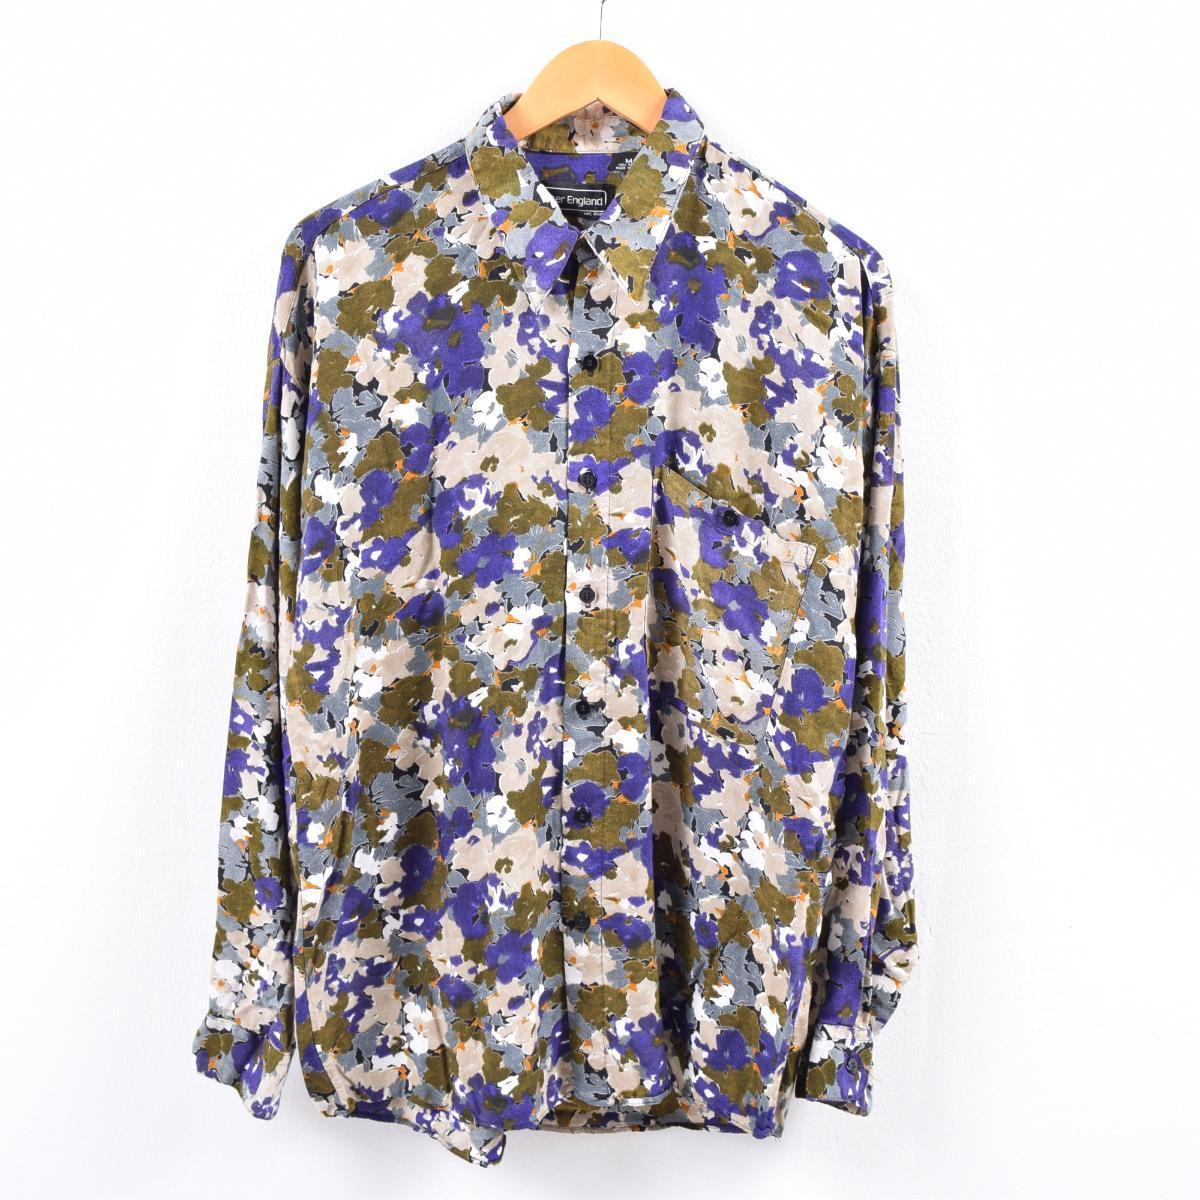 古着屋JAMの総柄シャツ